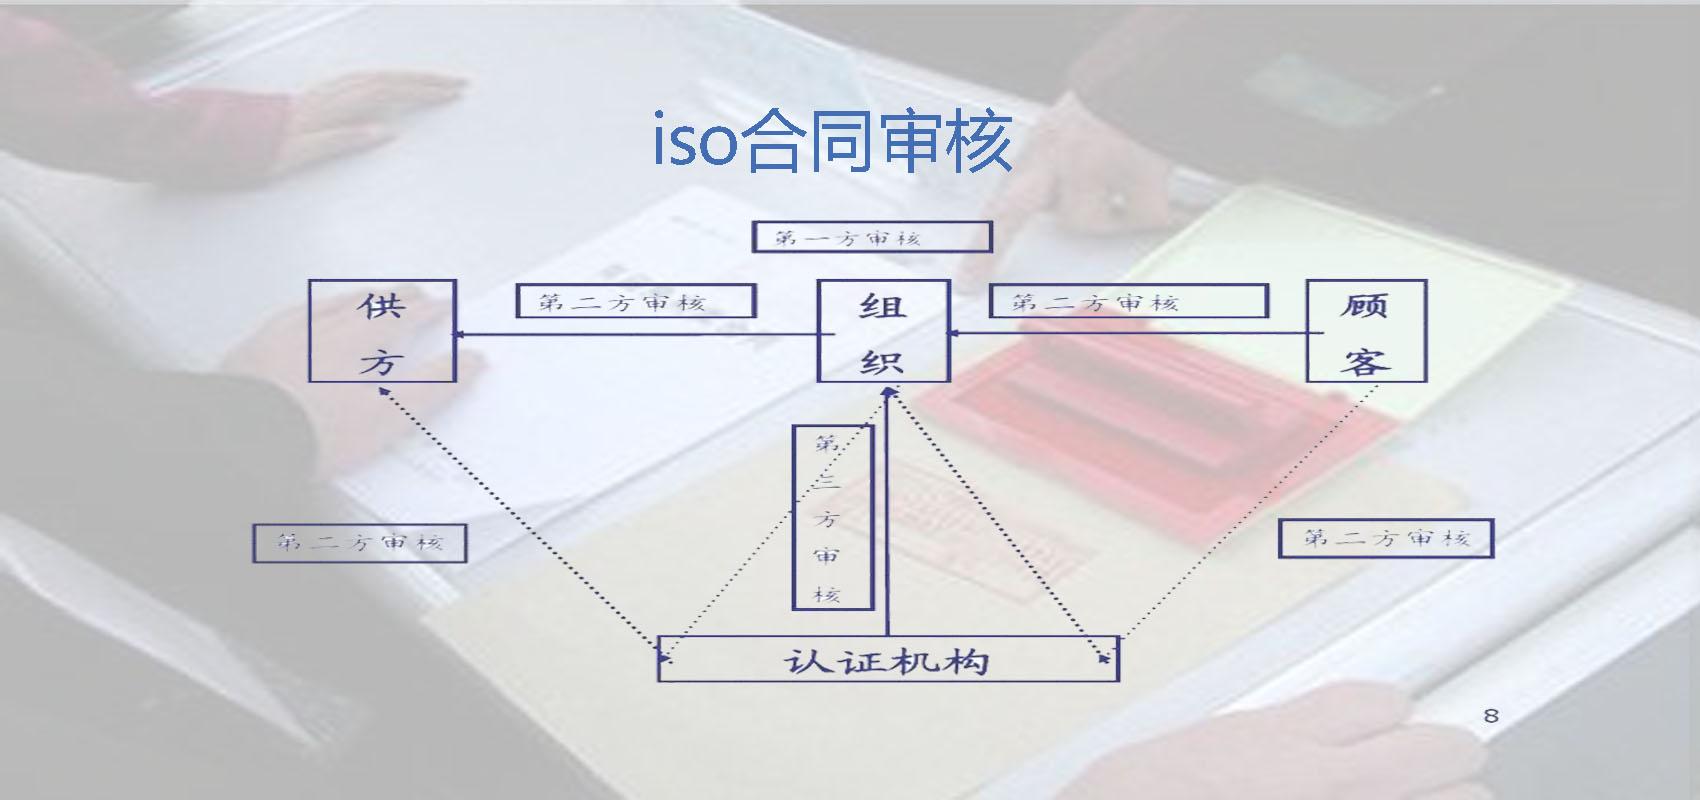 合同审核,ISO合同审核